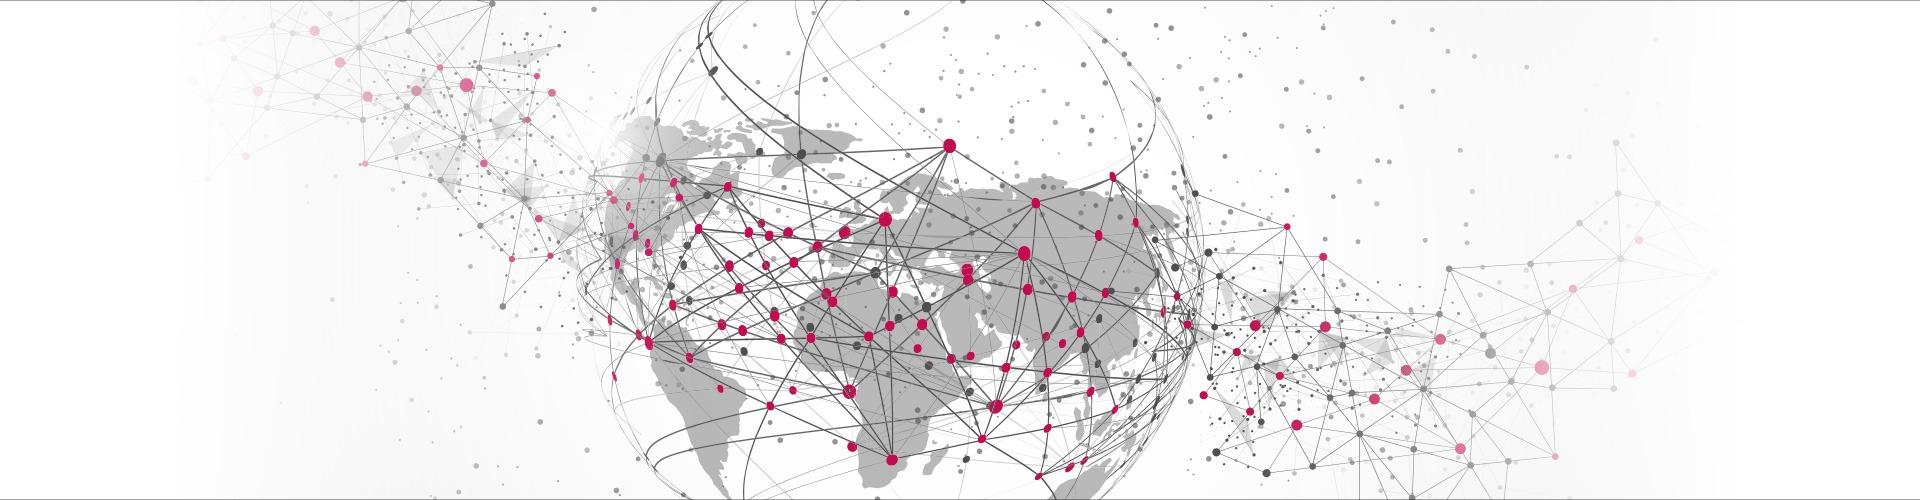 Schema einer vernetzten Welt